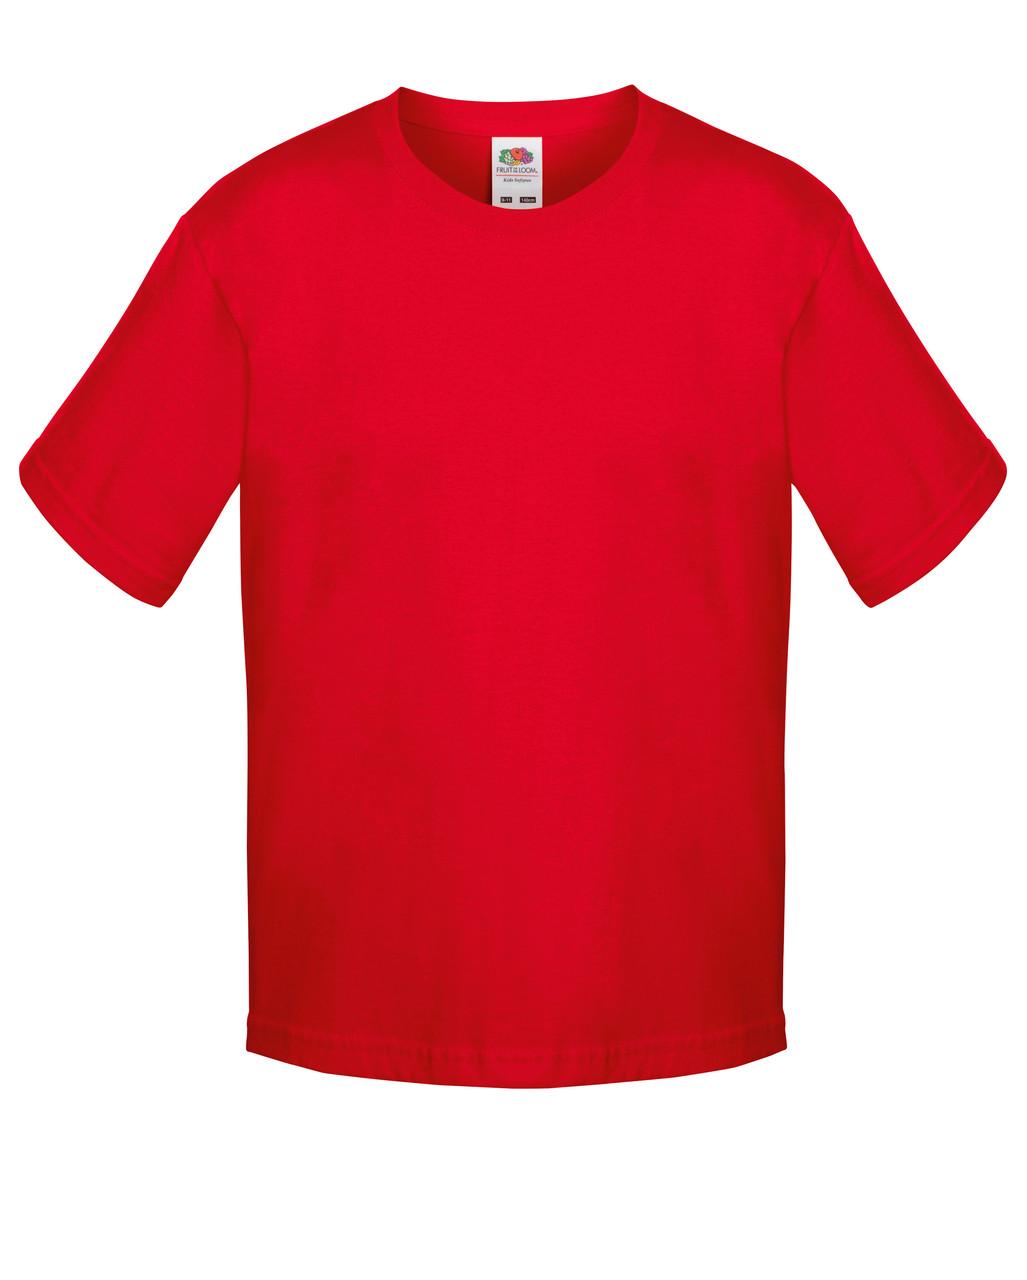 Детская футболка Мягкая для Мальчиков Красная Fruit of the loom 61-015-40 7-8